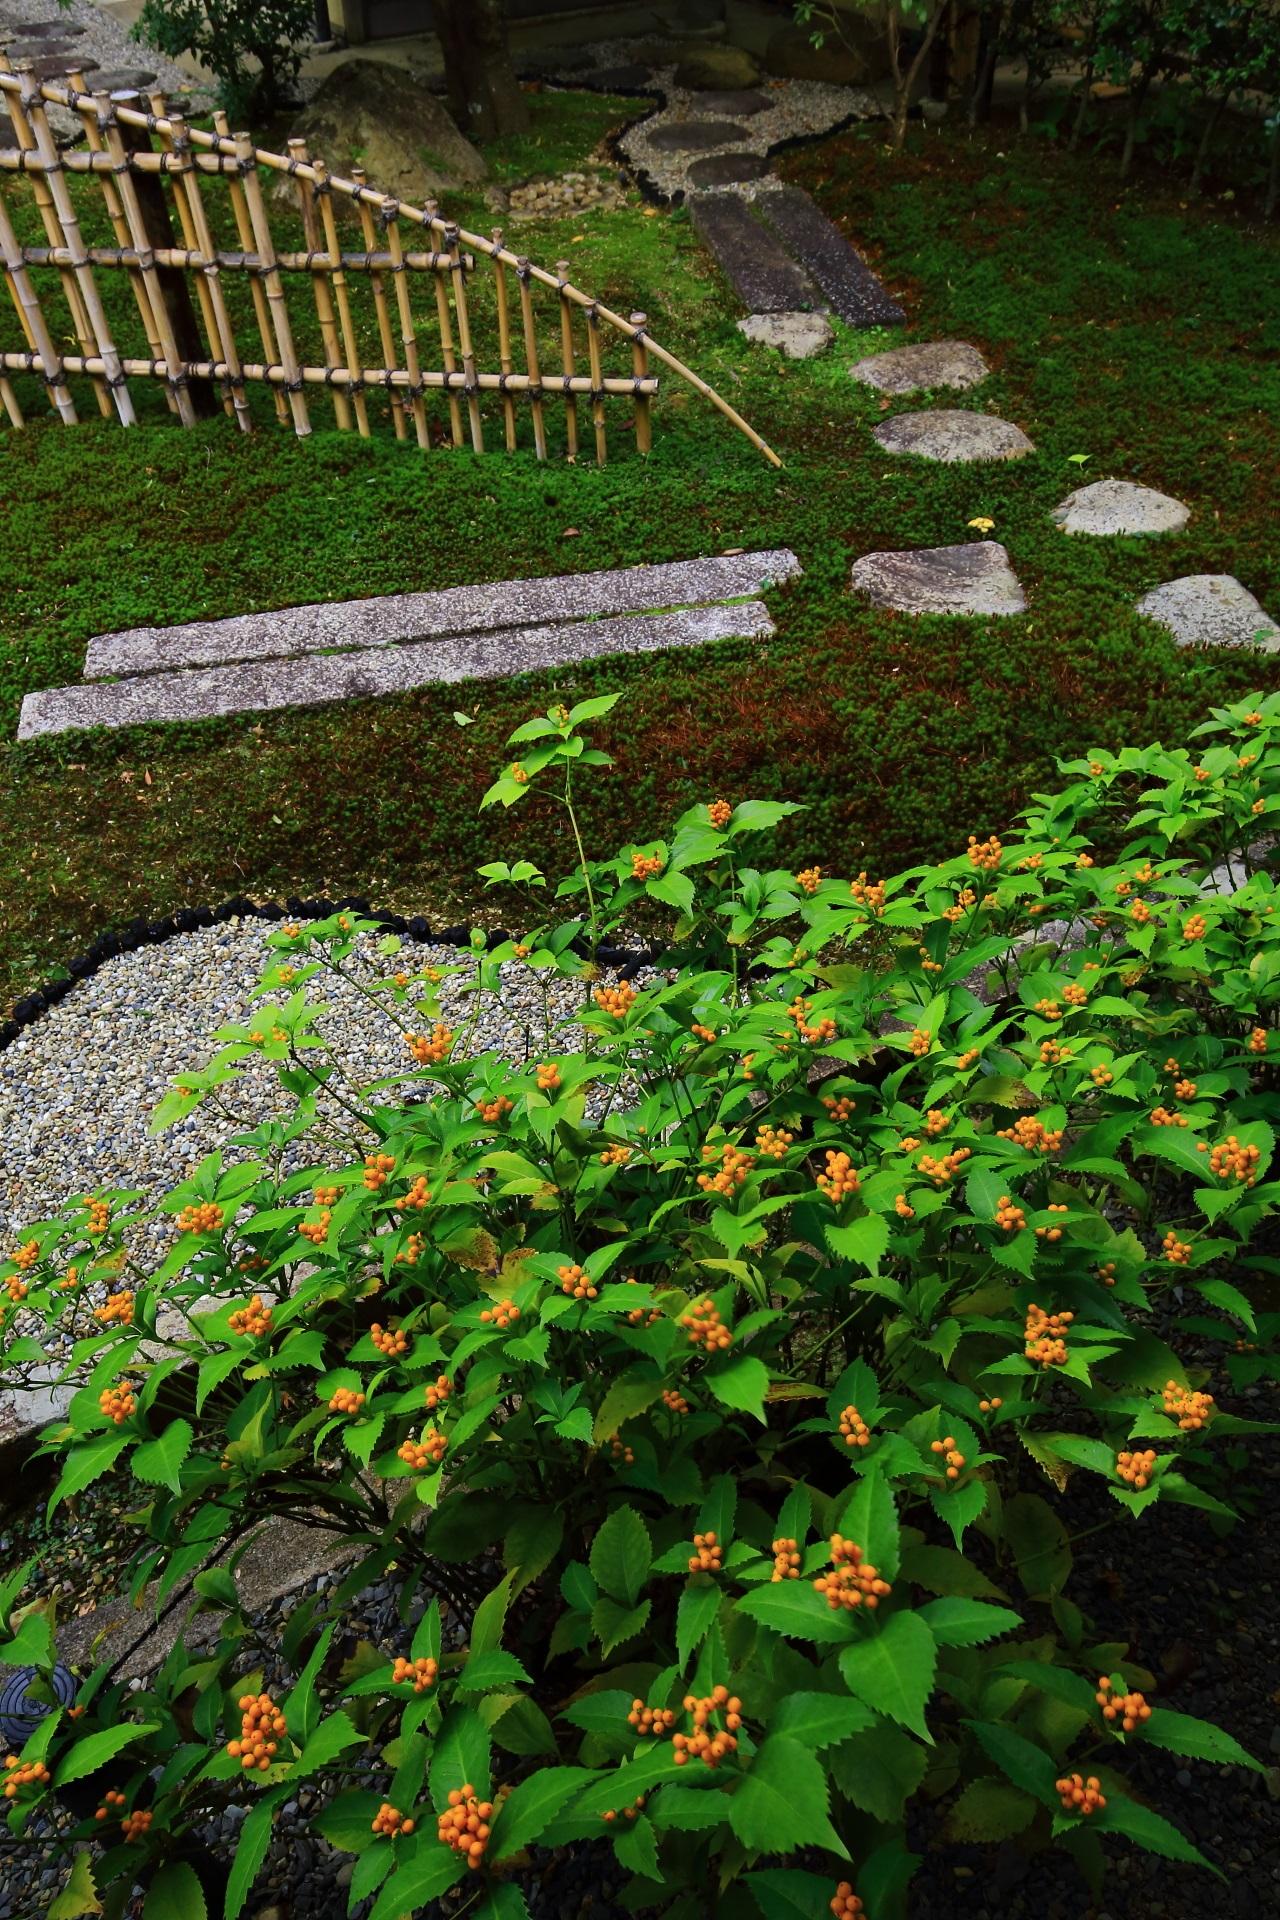 華やかな黄色い千両の実に彩られた真如堂の露地庭